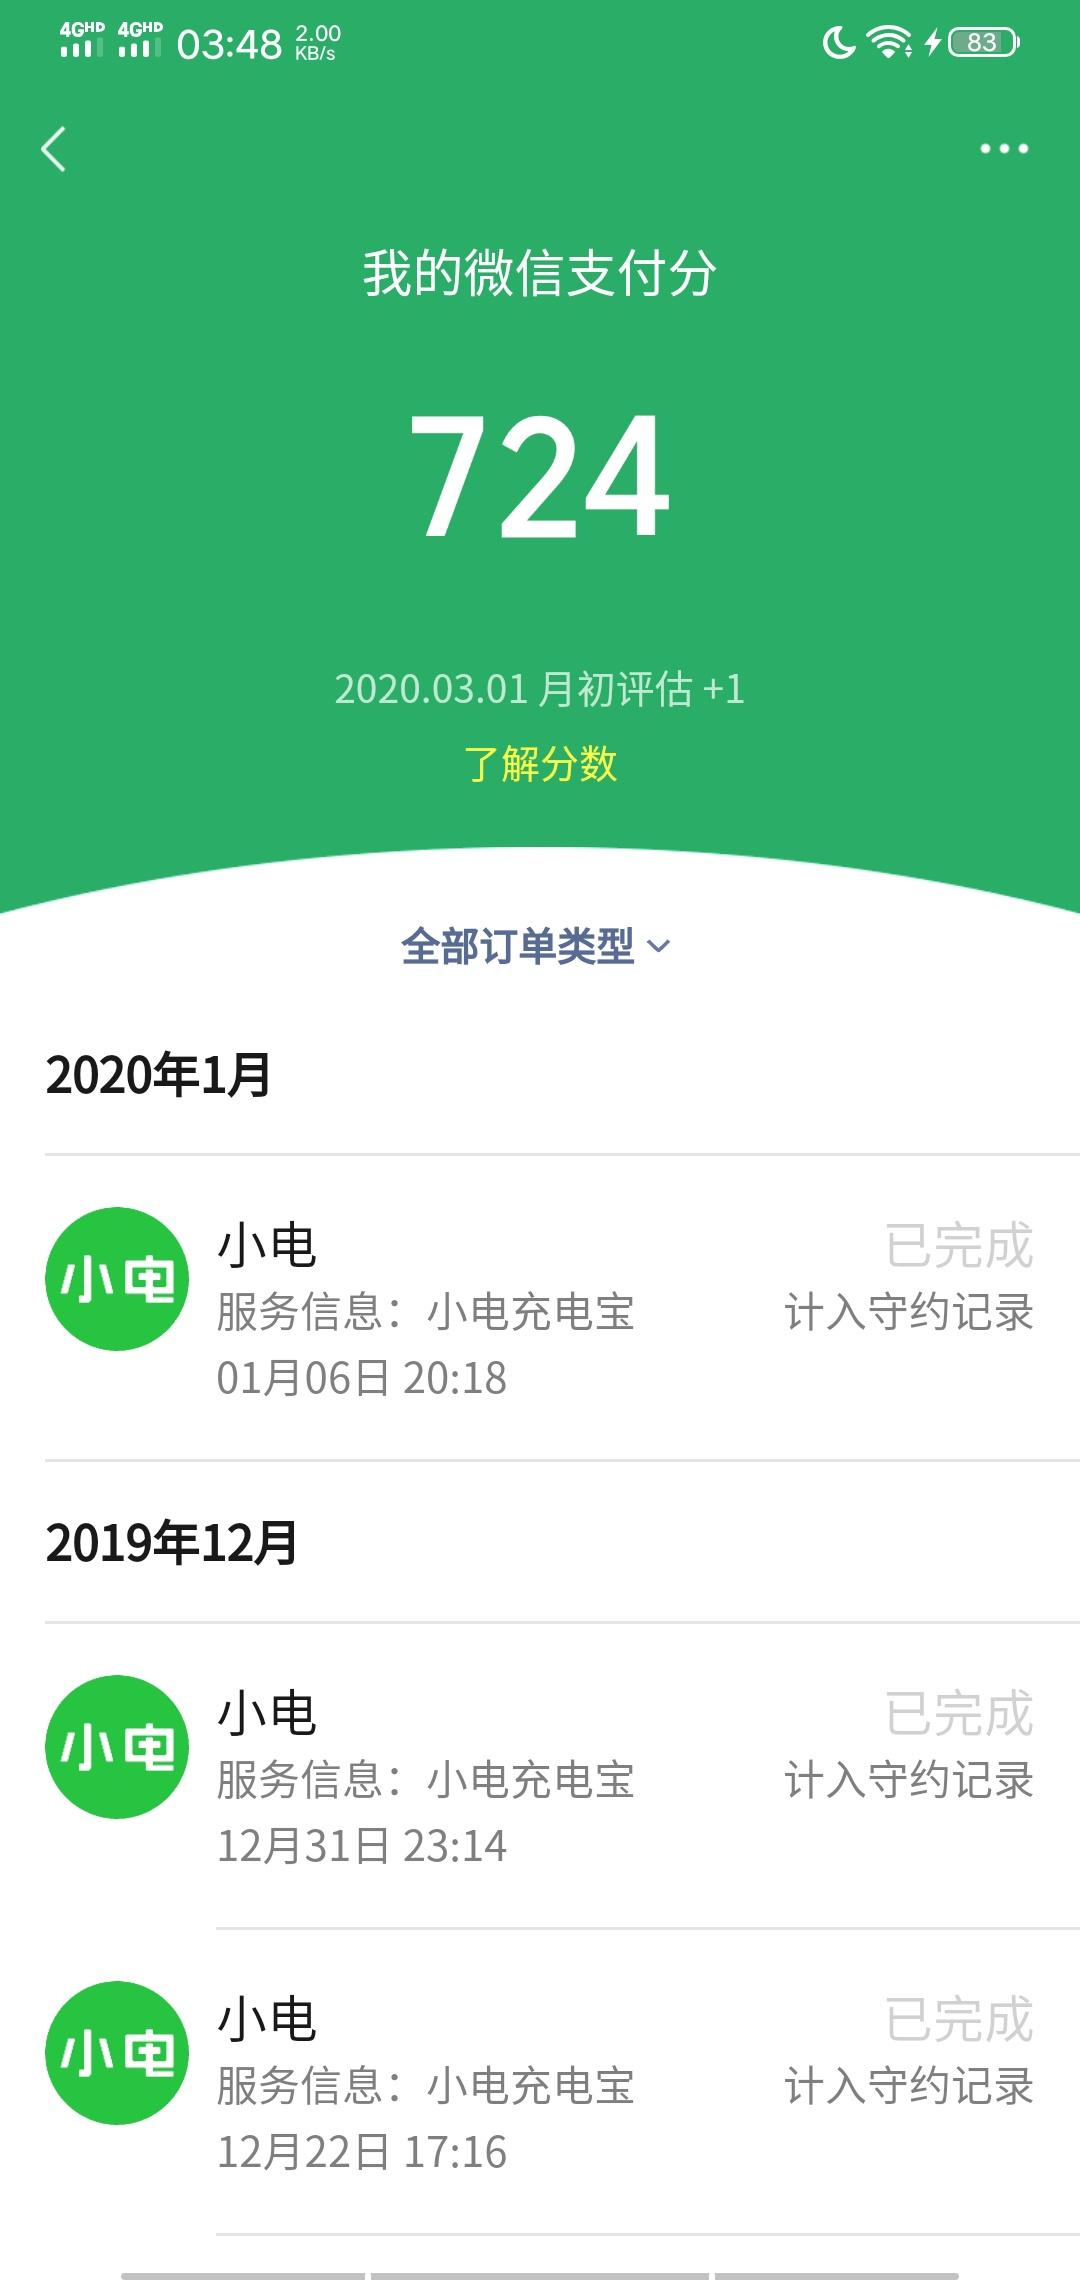 微信'花呗' 开通方法72 / 作者:韩韩168 /